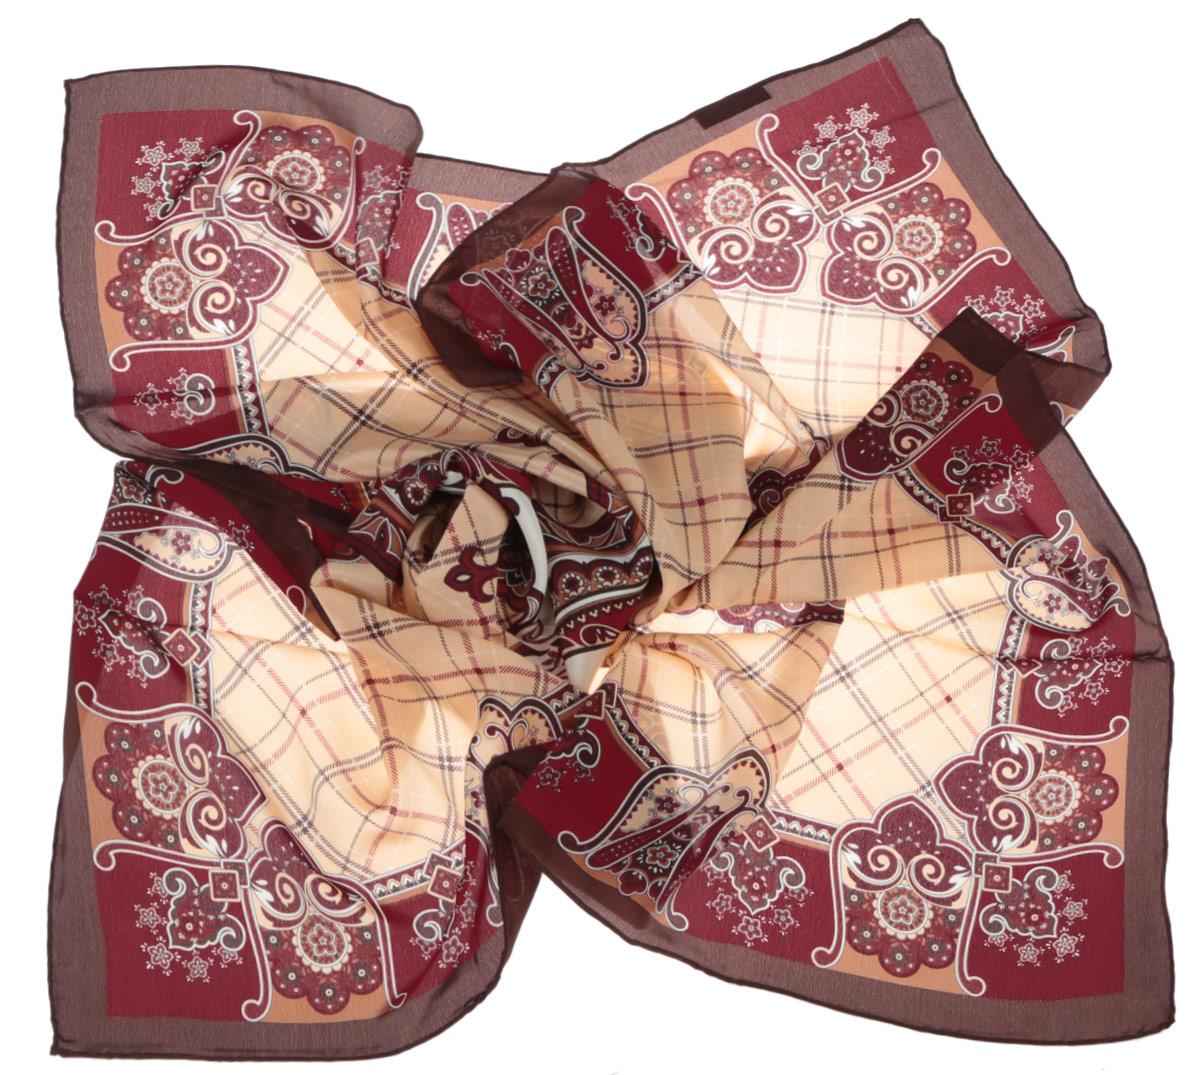 Платок женский. CX1516-50CX1516-50-10Стильный женский платок Leo Ventoni станет великолепным завершением любого наряда. Платок изготовлен из высококачественного шелка и оформлен принтом в клетку, дополненным оригинальным орнаментом. Классическая квадратная форма позволяет носить платок на шее, украшать им прическу или декорировать сумочку. Мягкий и шелковистый платок поможет вам создать изысканный женственный образ, а также согреет в непогоду. Такой платок превосходно дополнит любой наряд и подчеркнет ваш неповторимый вкус и элегантность.